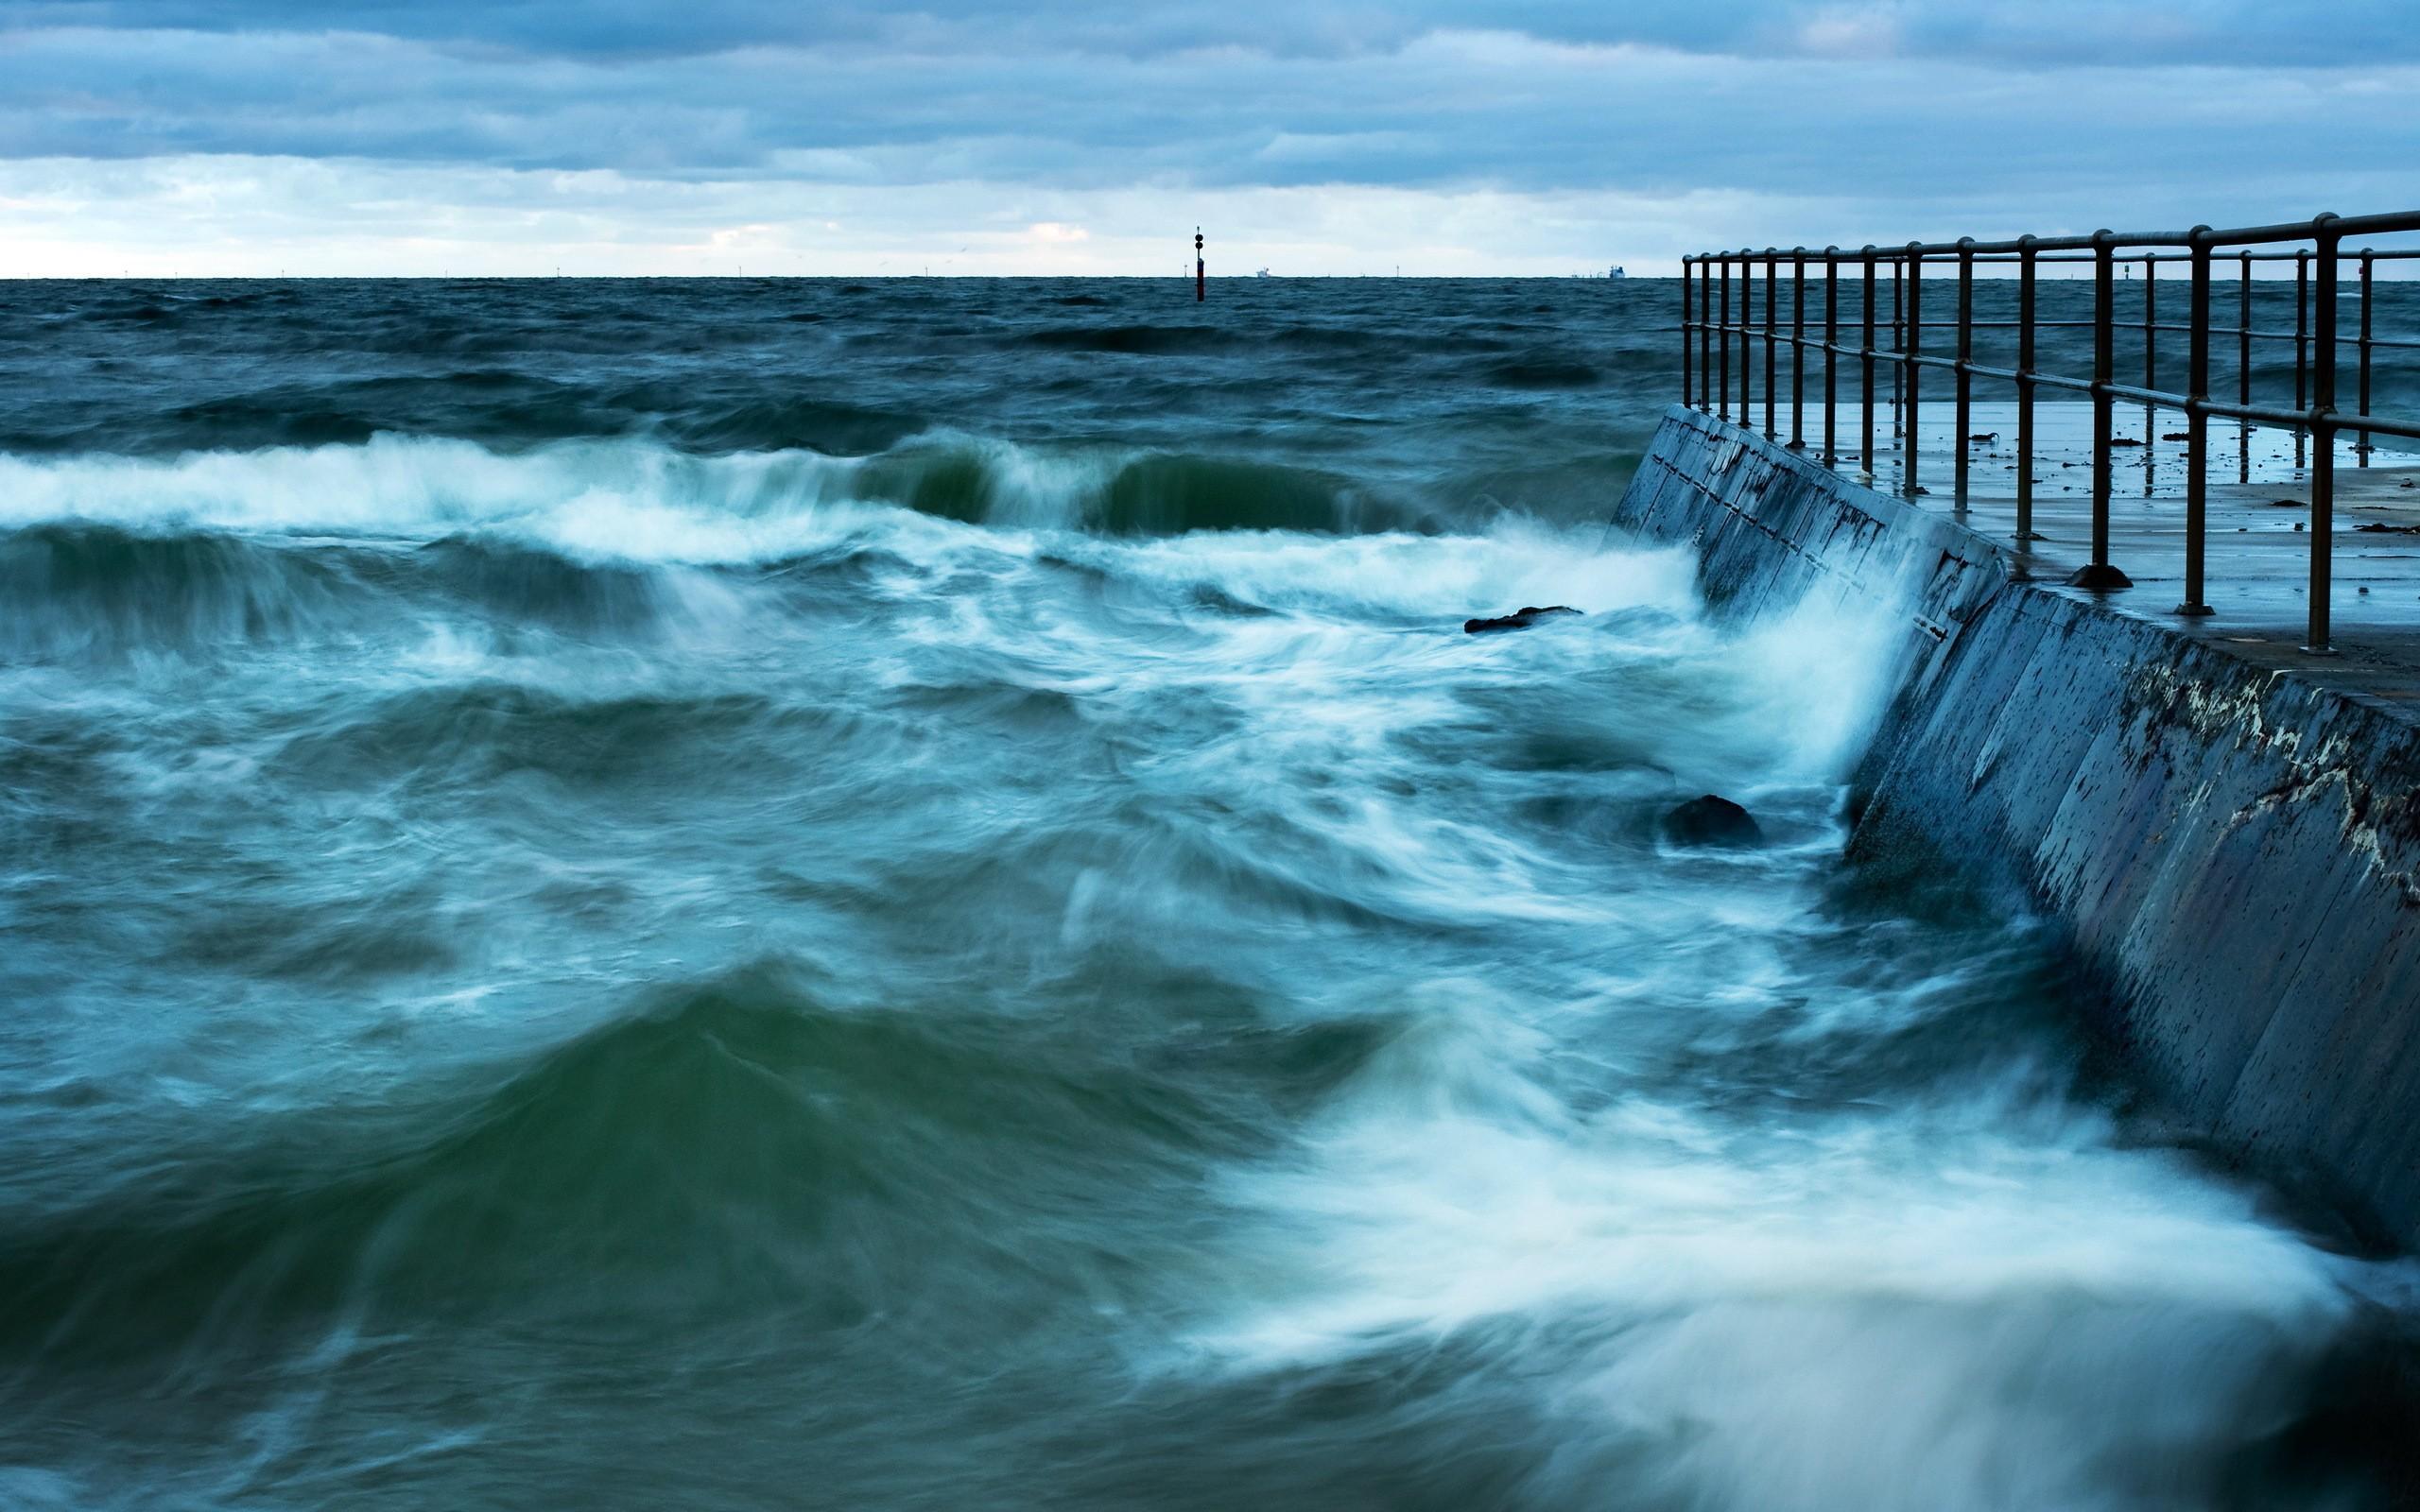 Download Water Ocean Wallpaper 2560x1600 Wallpoper 372661 2560x1600